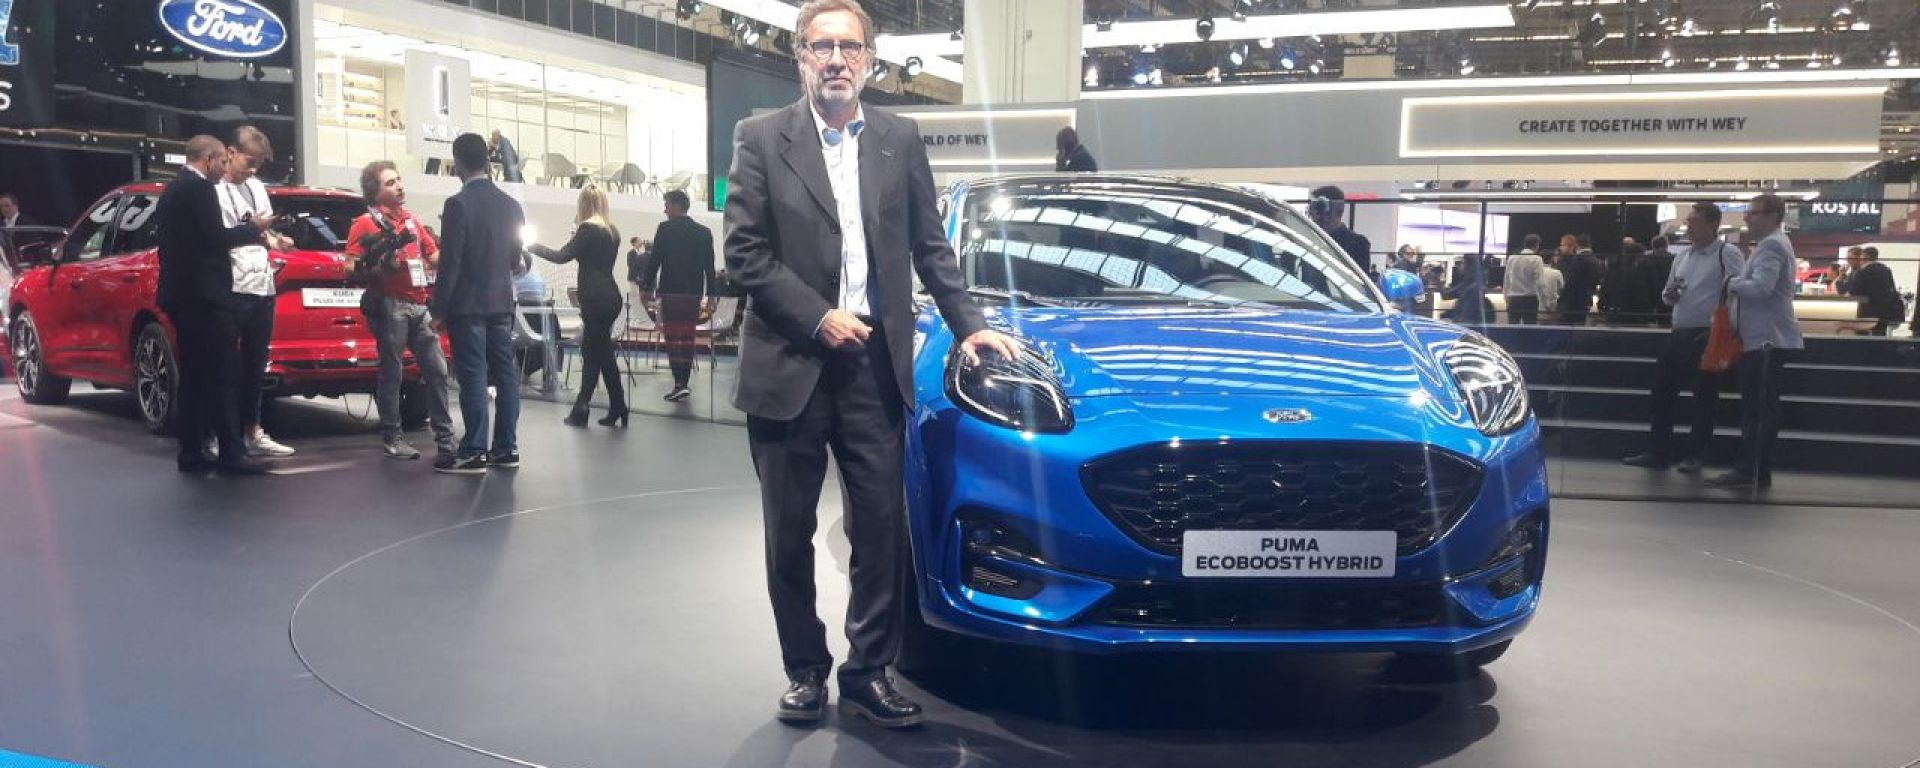 Marco Alù Saffi, Direttore Relazione esterne Ford